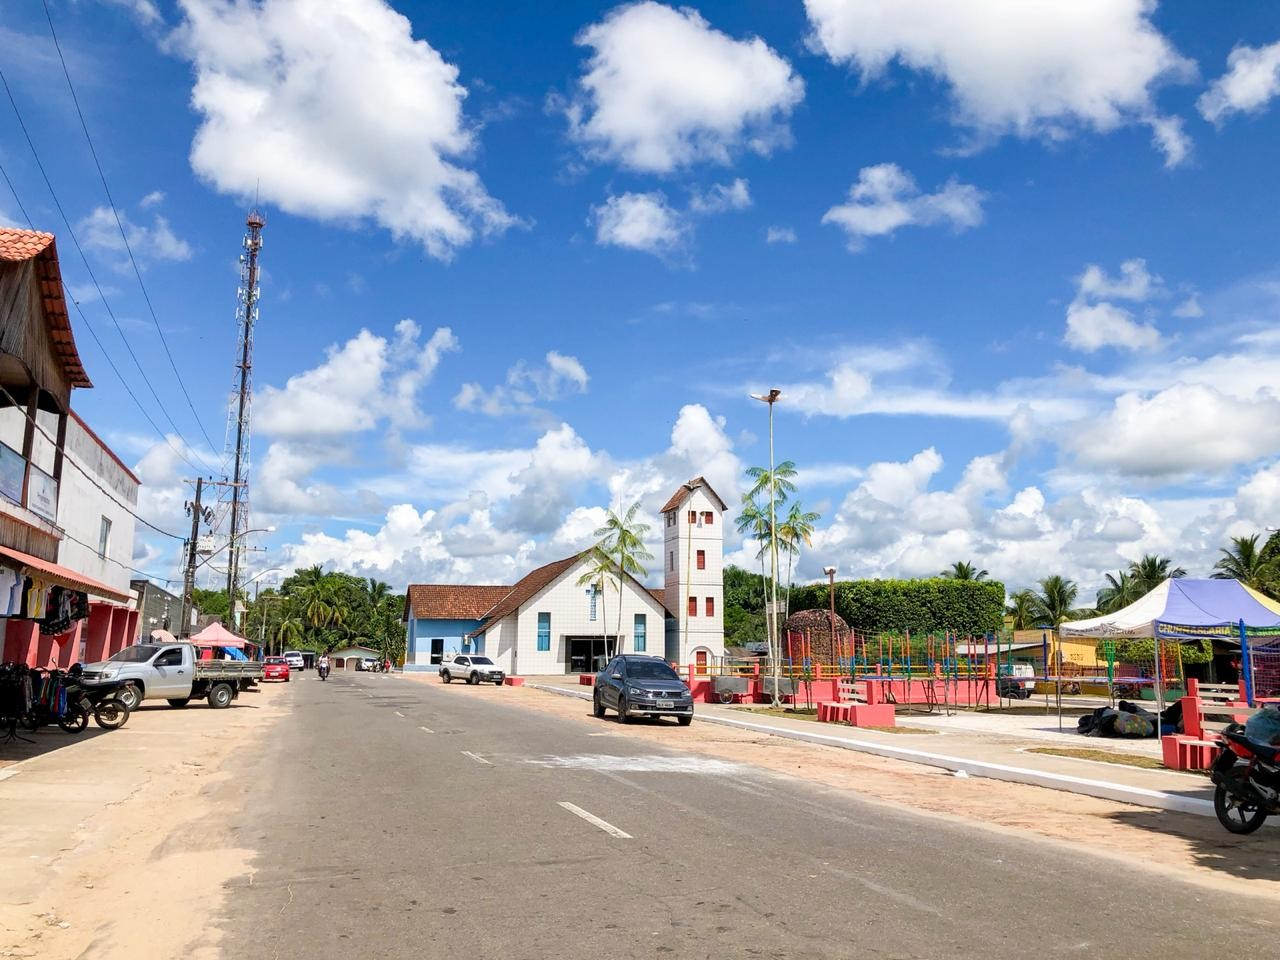 Prédio desativado há 15 anos vai ser transformado em mercado orçado em R$ 1 milhão no Acre - Notícias - Plantão Diário